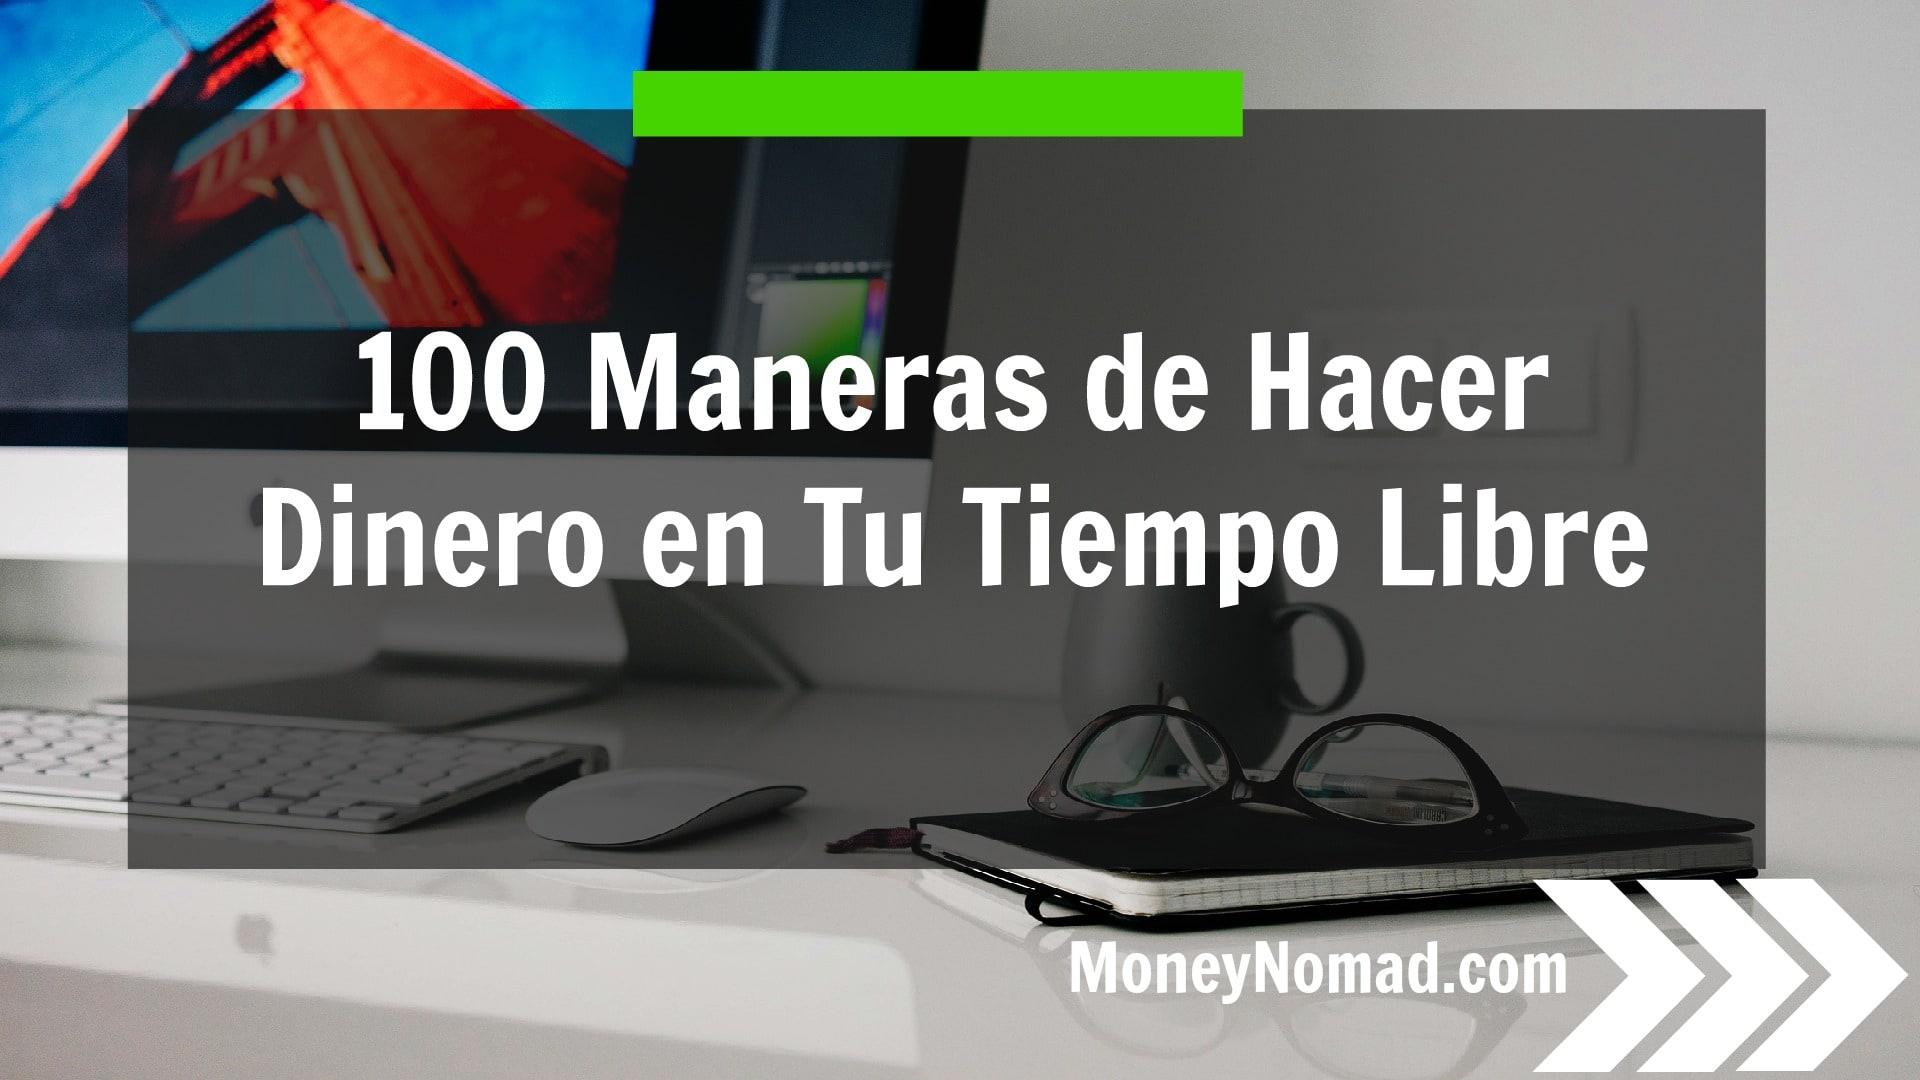 100 Maneras de Hacer Dinero en Tu Tiempo Libre